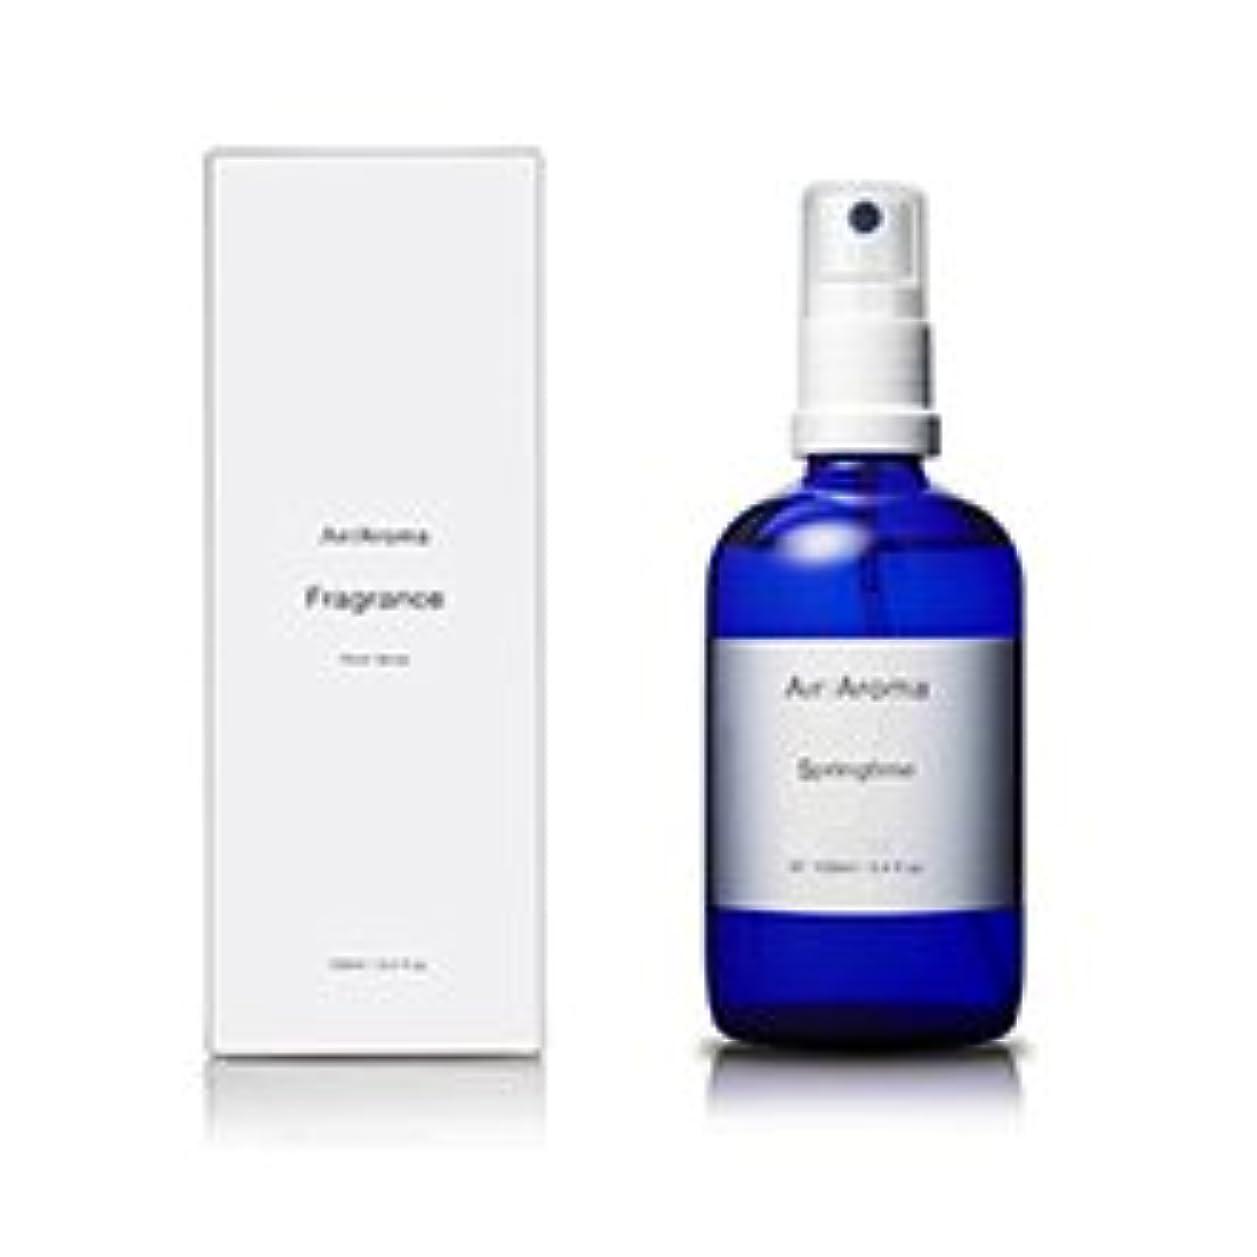 に沿ってあえて失エアアロマ springtime room fragrance(スプリングタイム ルームフレグランス)100ml